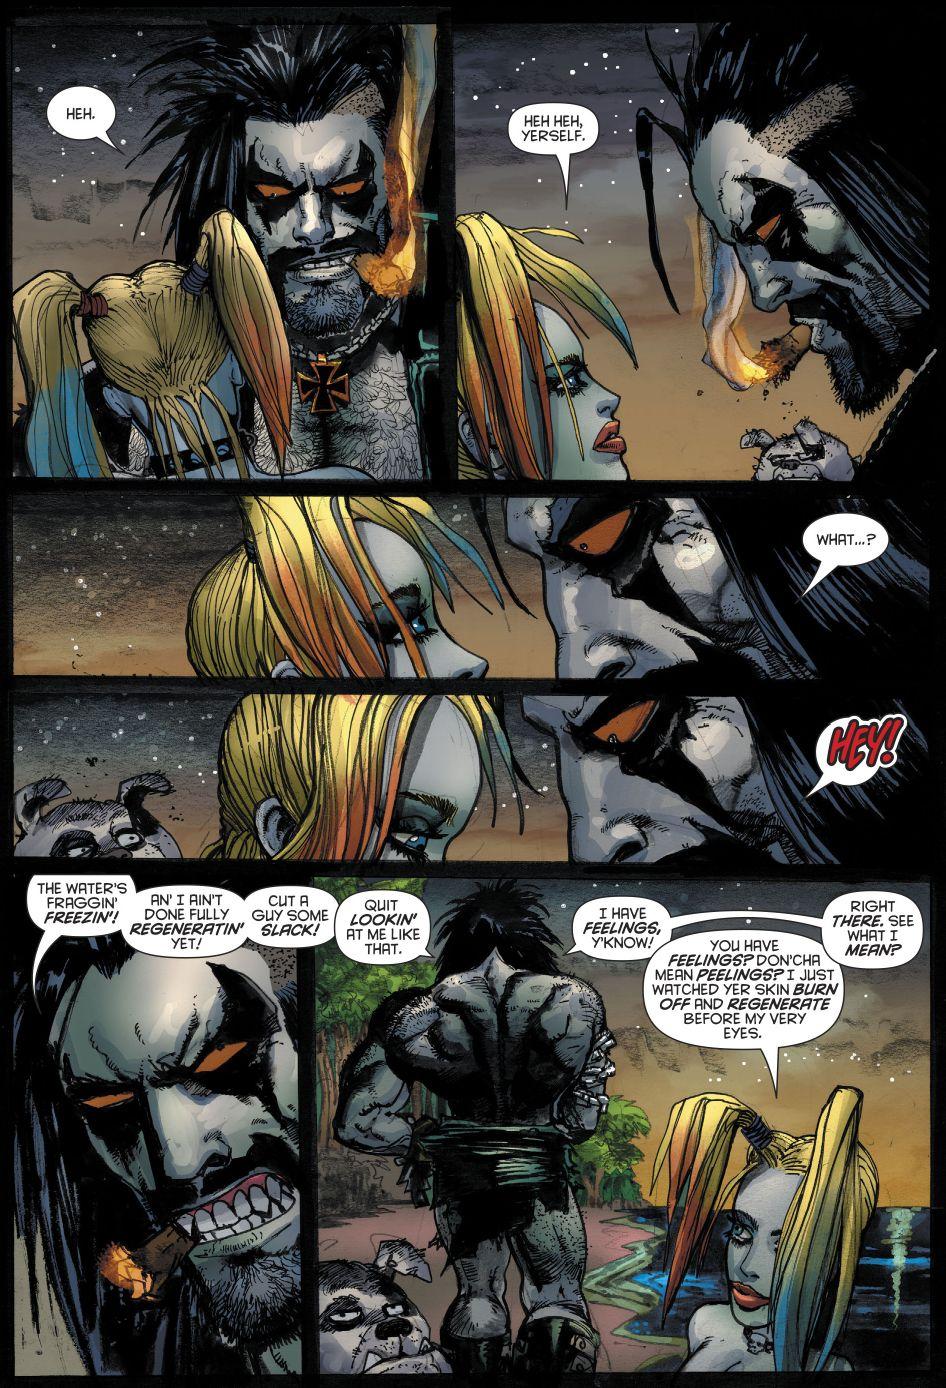 Lobo Injustice Comic